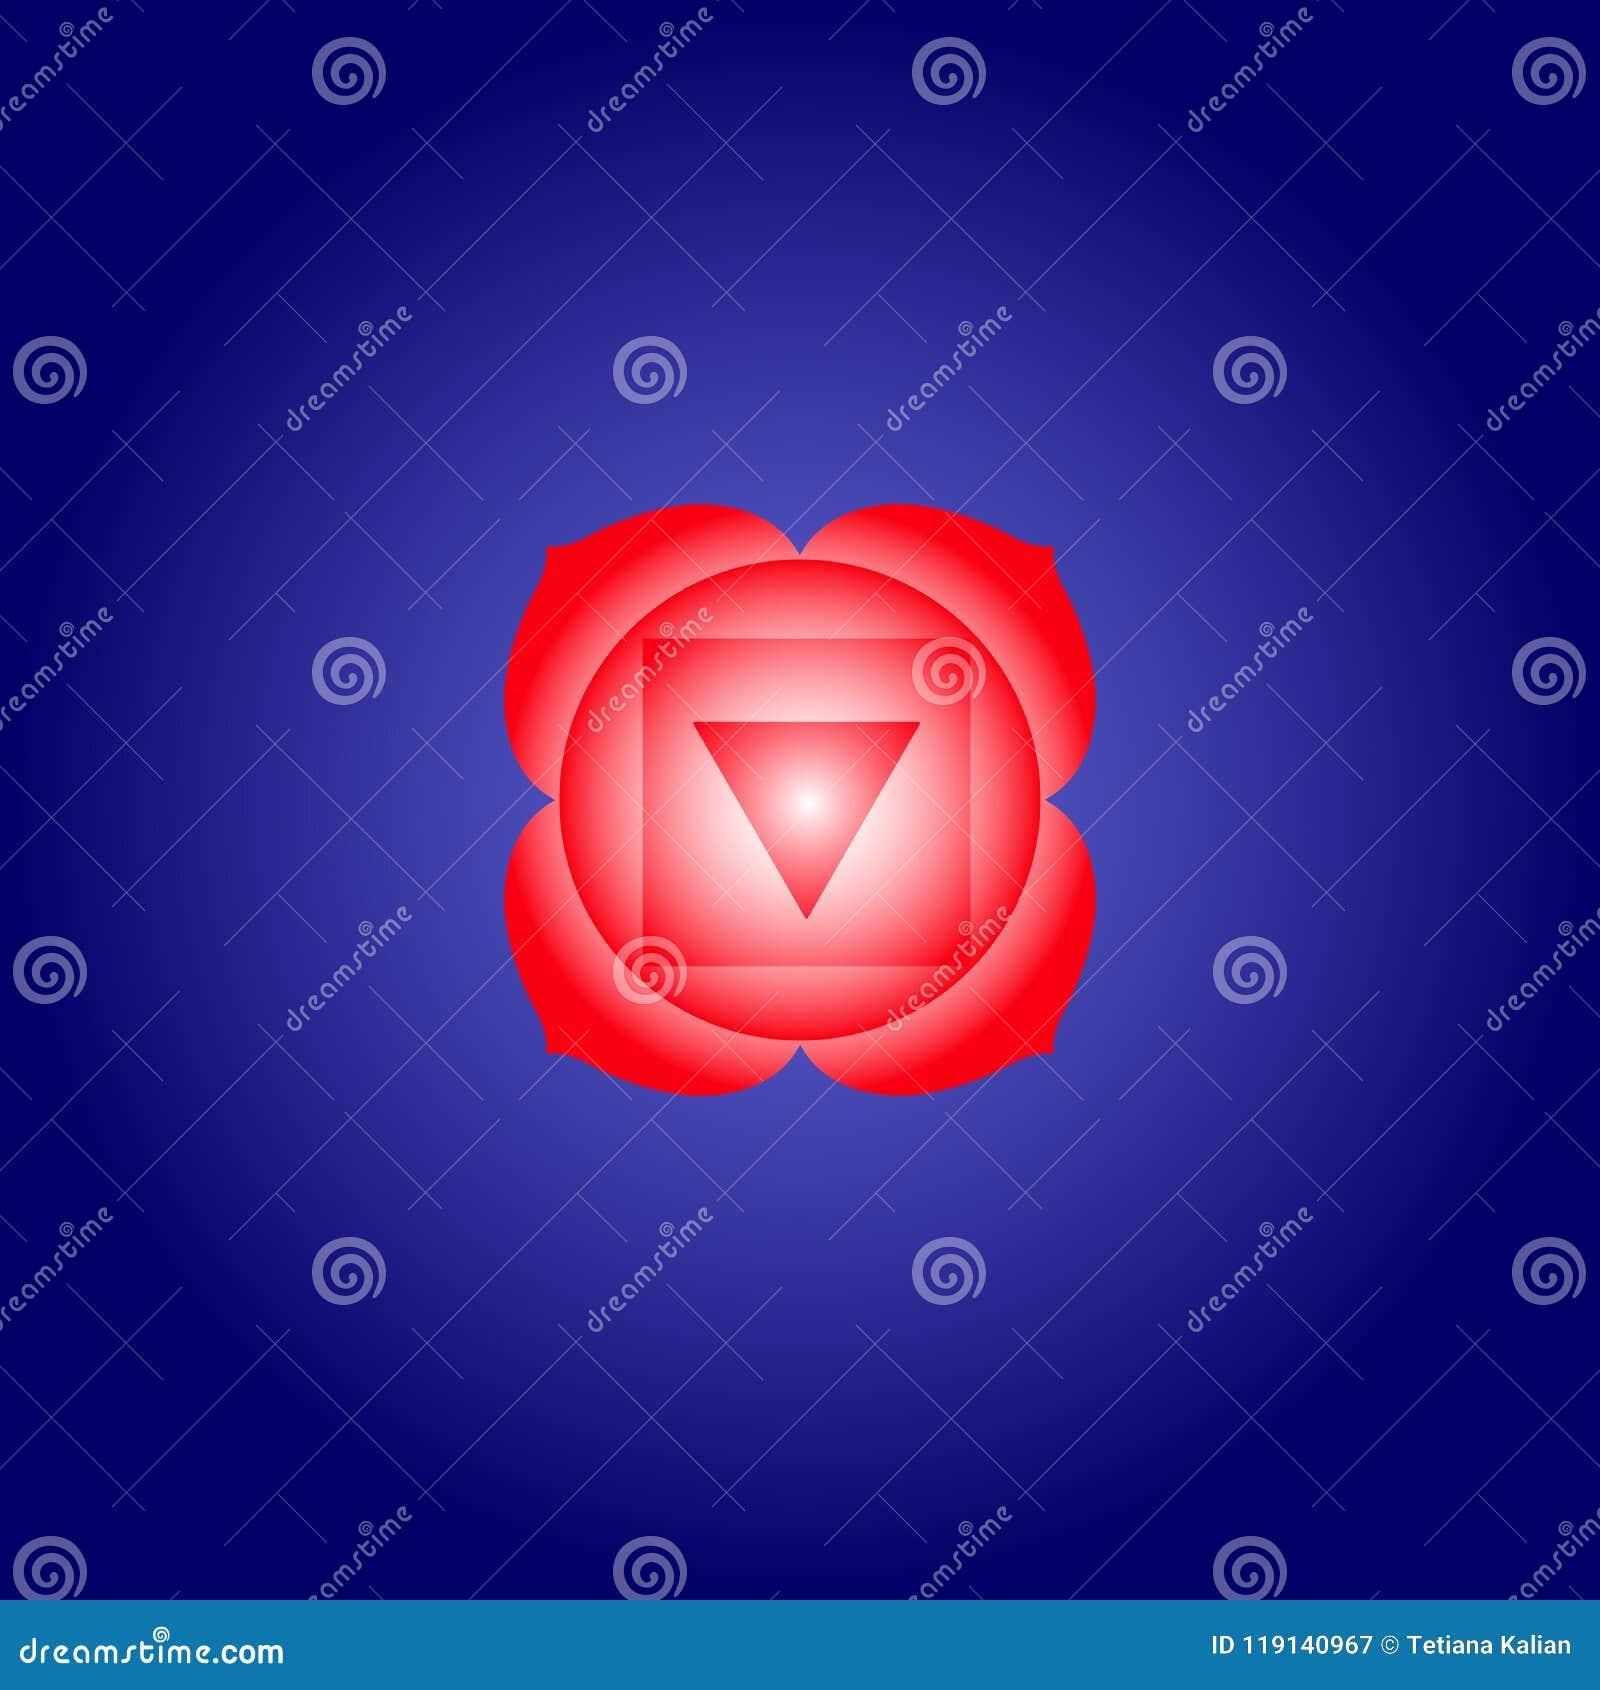 Arraigue El Chakra Muladhara En Color Rojo En Fondo Azul Marino Del